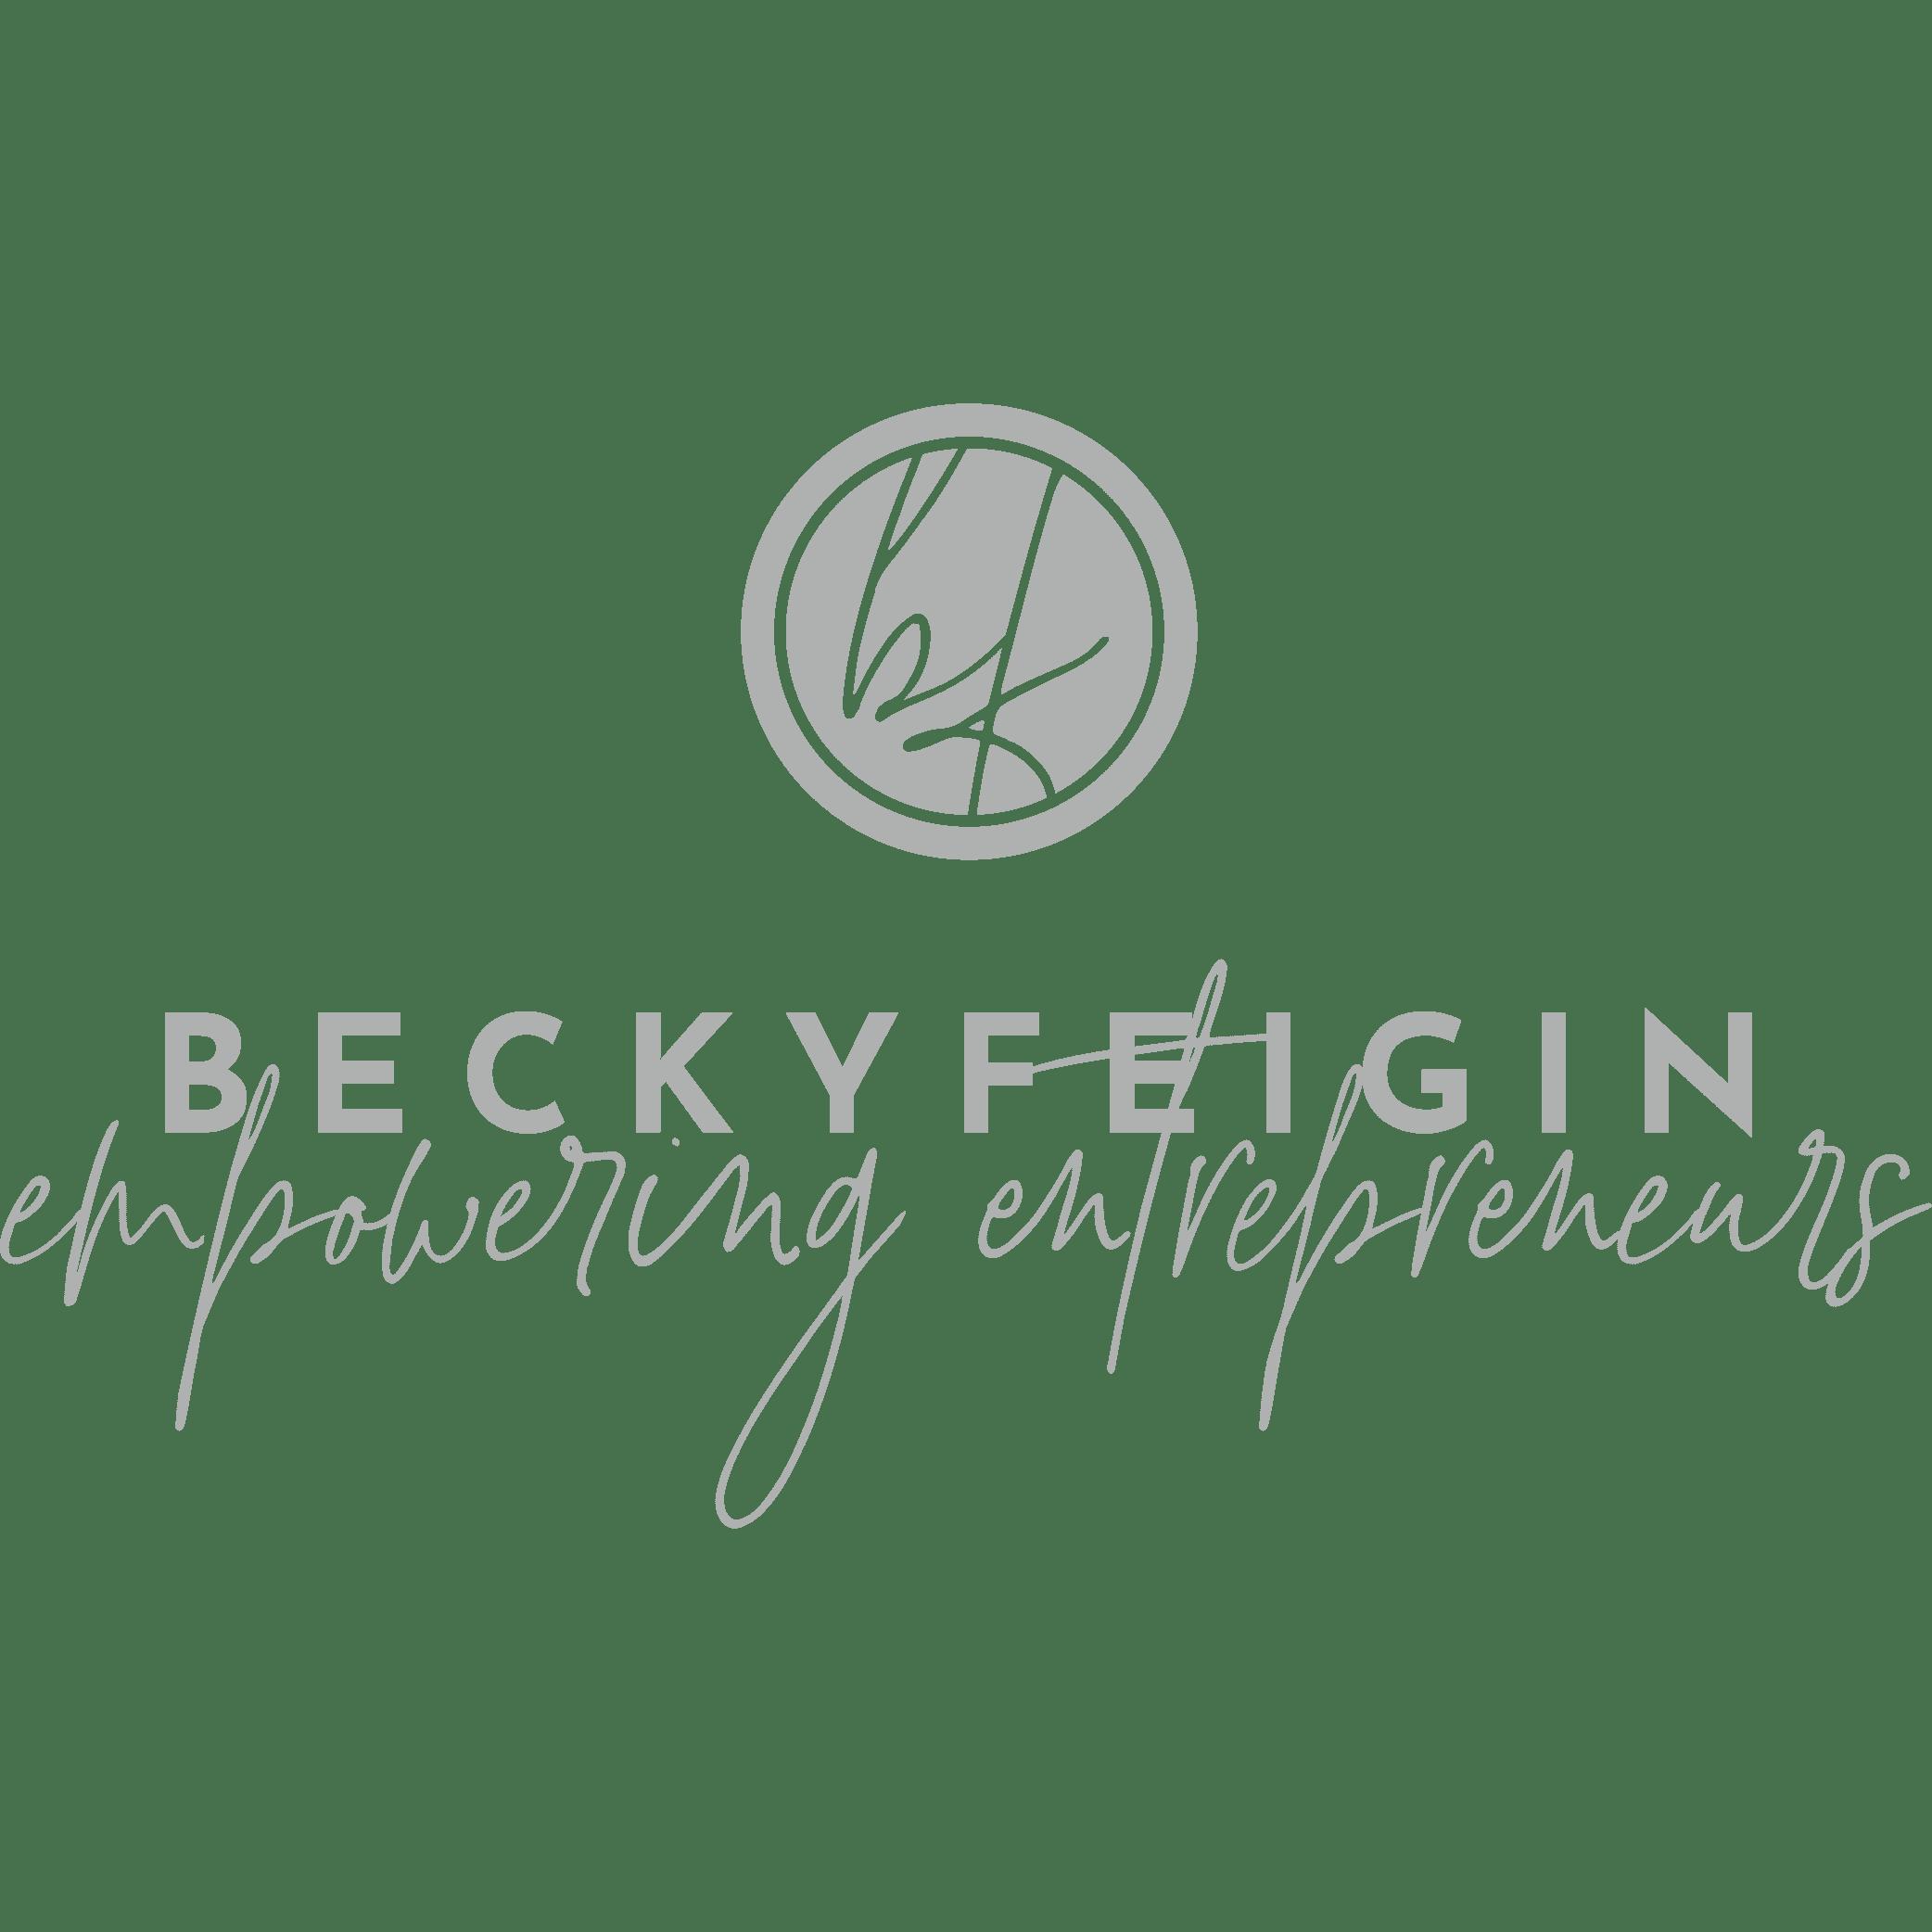 Becky Feigin